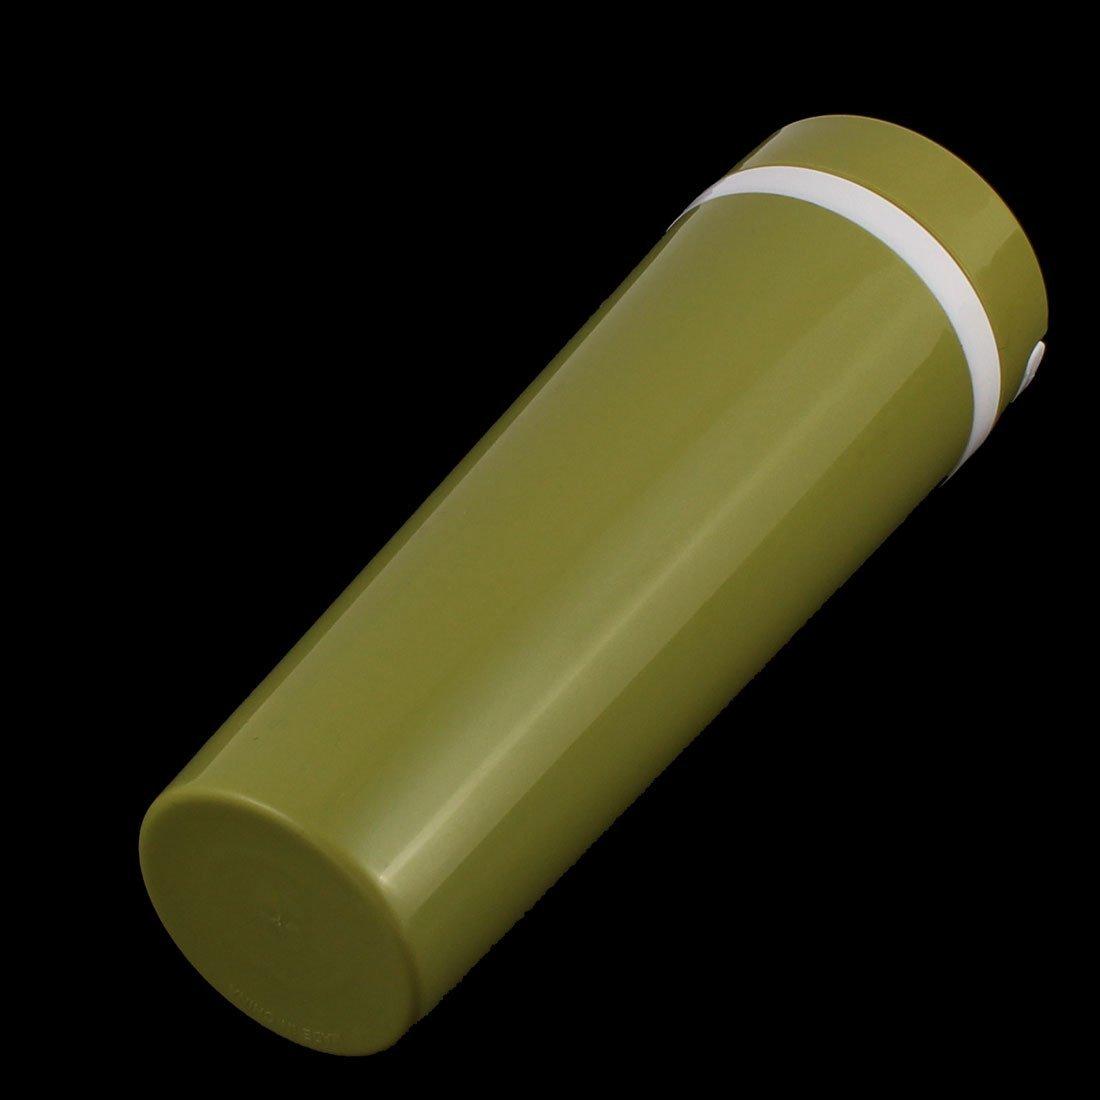 Amazon.com: DealMux Handheld Duplas de retenção de vácuo térmico garrafa caneca de viagem Flask 400ml: Kitchen & Dining